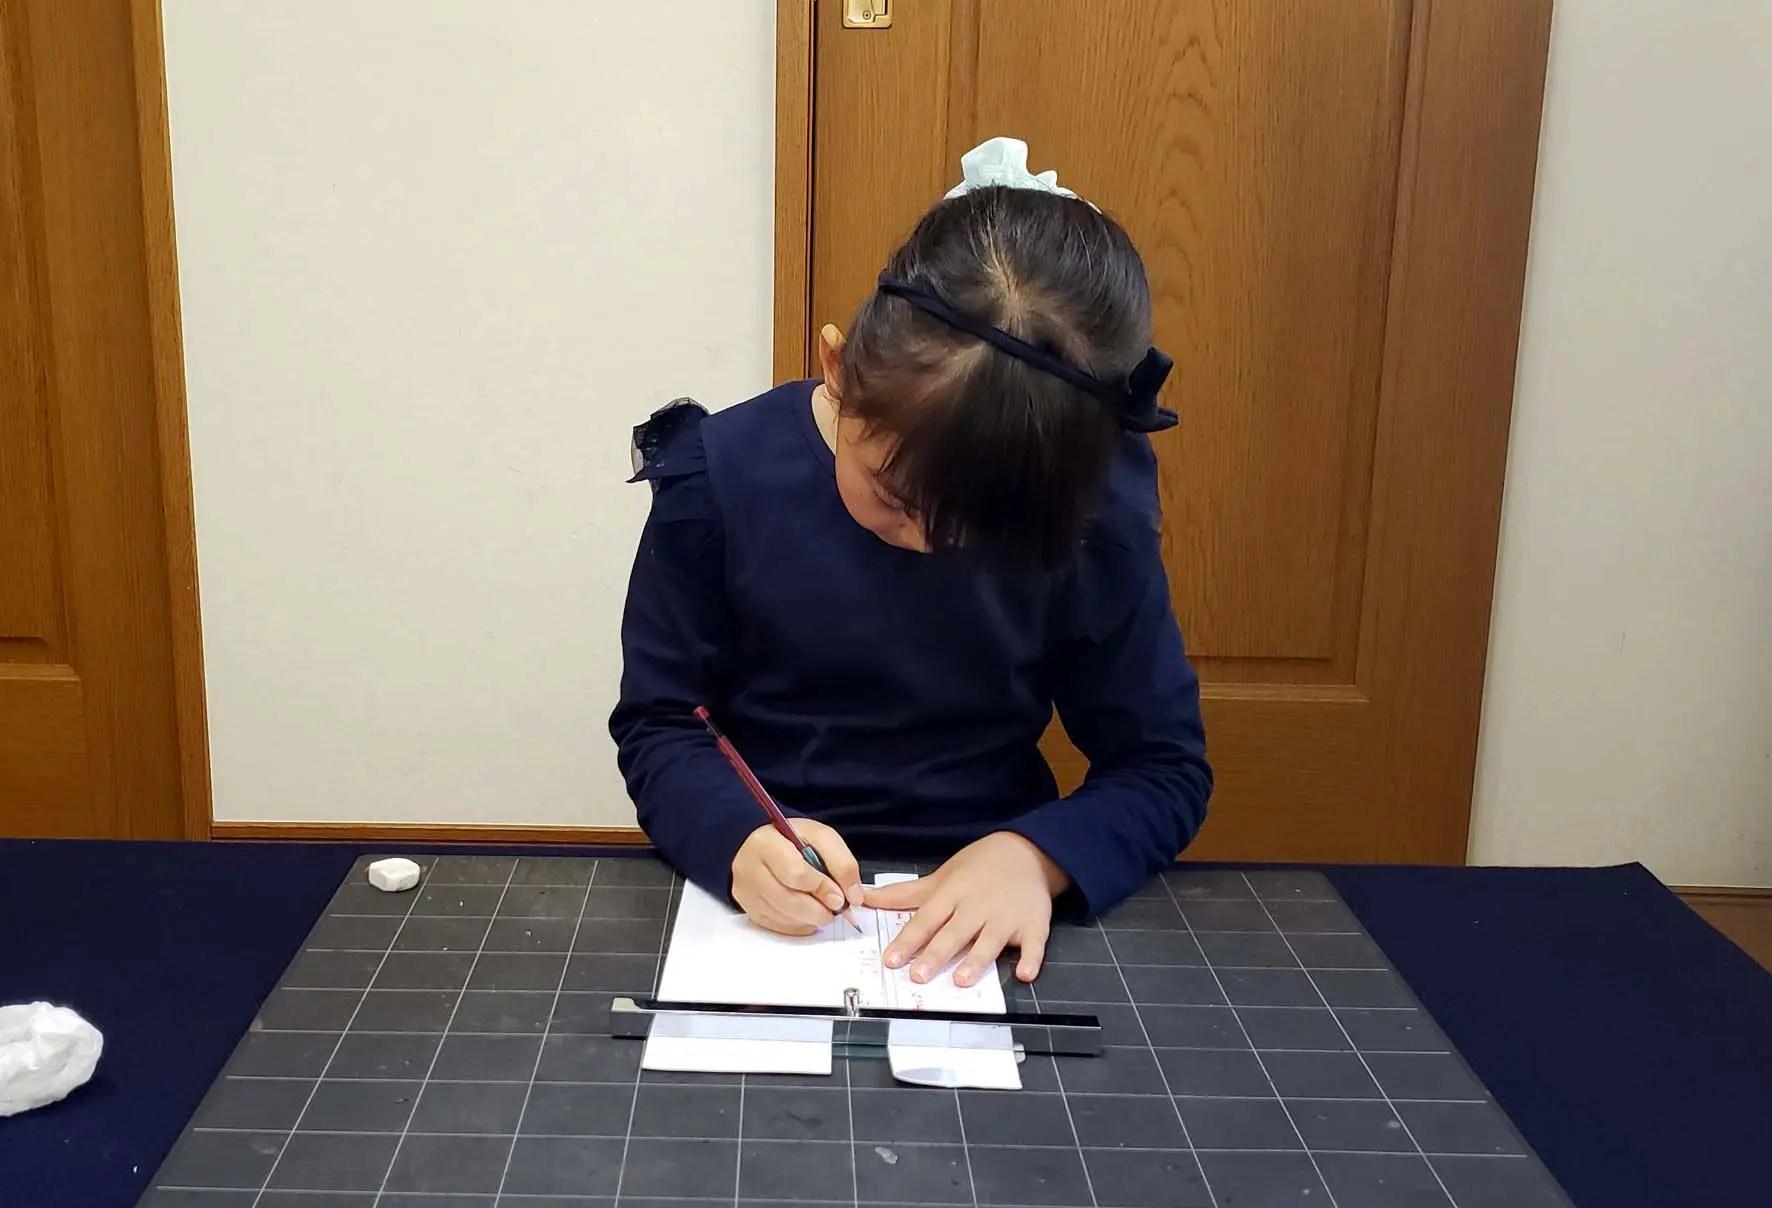 2020年3月の子供書道教室のレッスン/鎌倉市長谷の書道教室